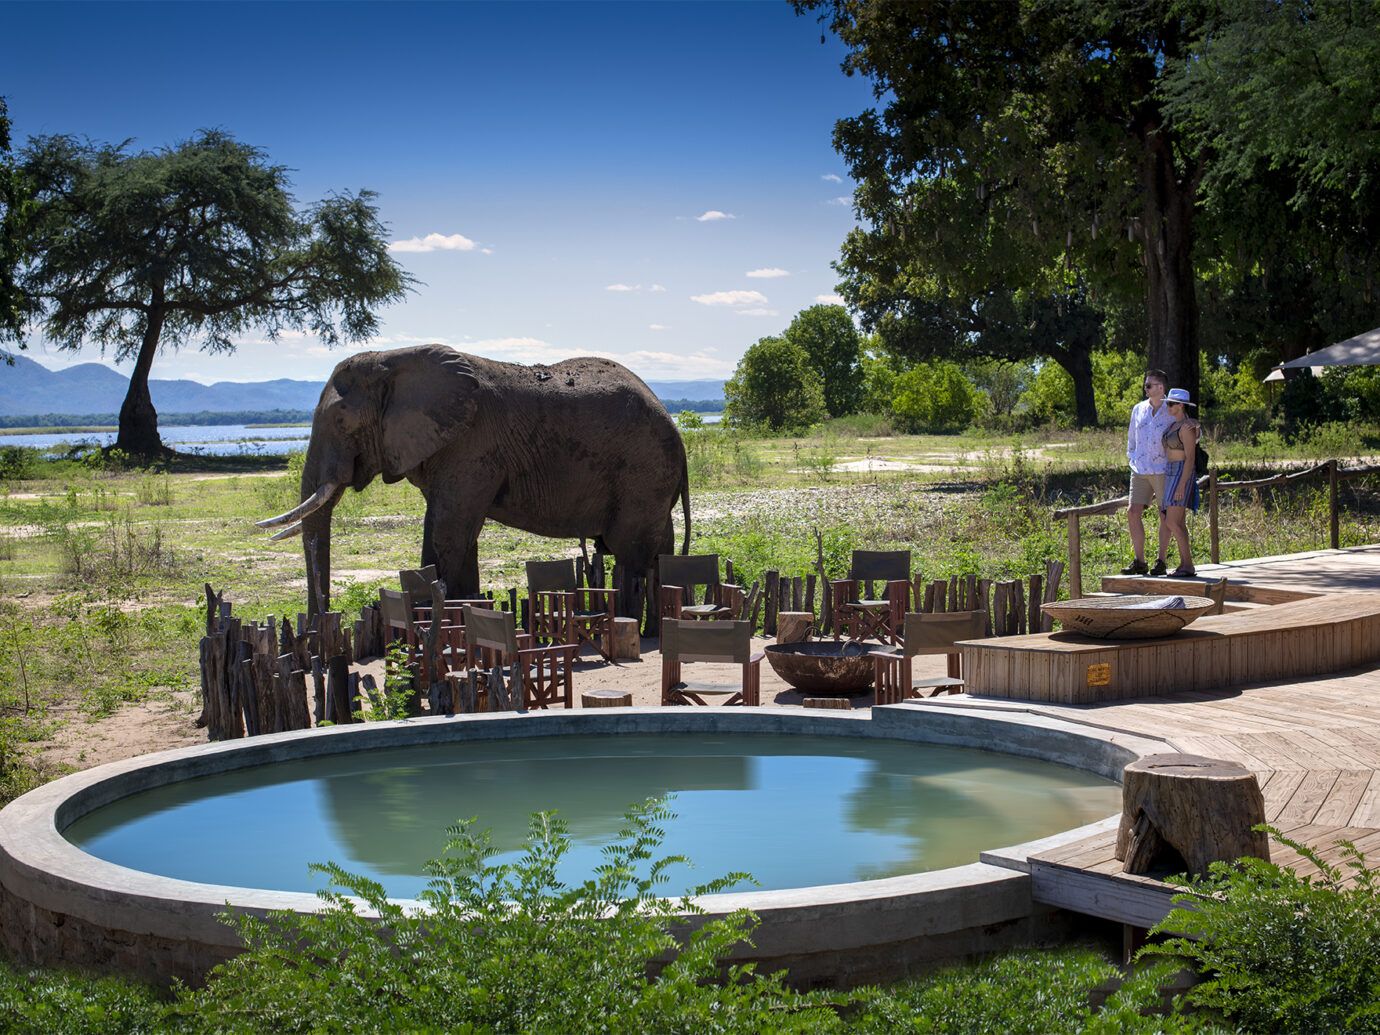 Pool at Nyamatusi Camp